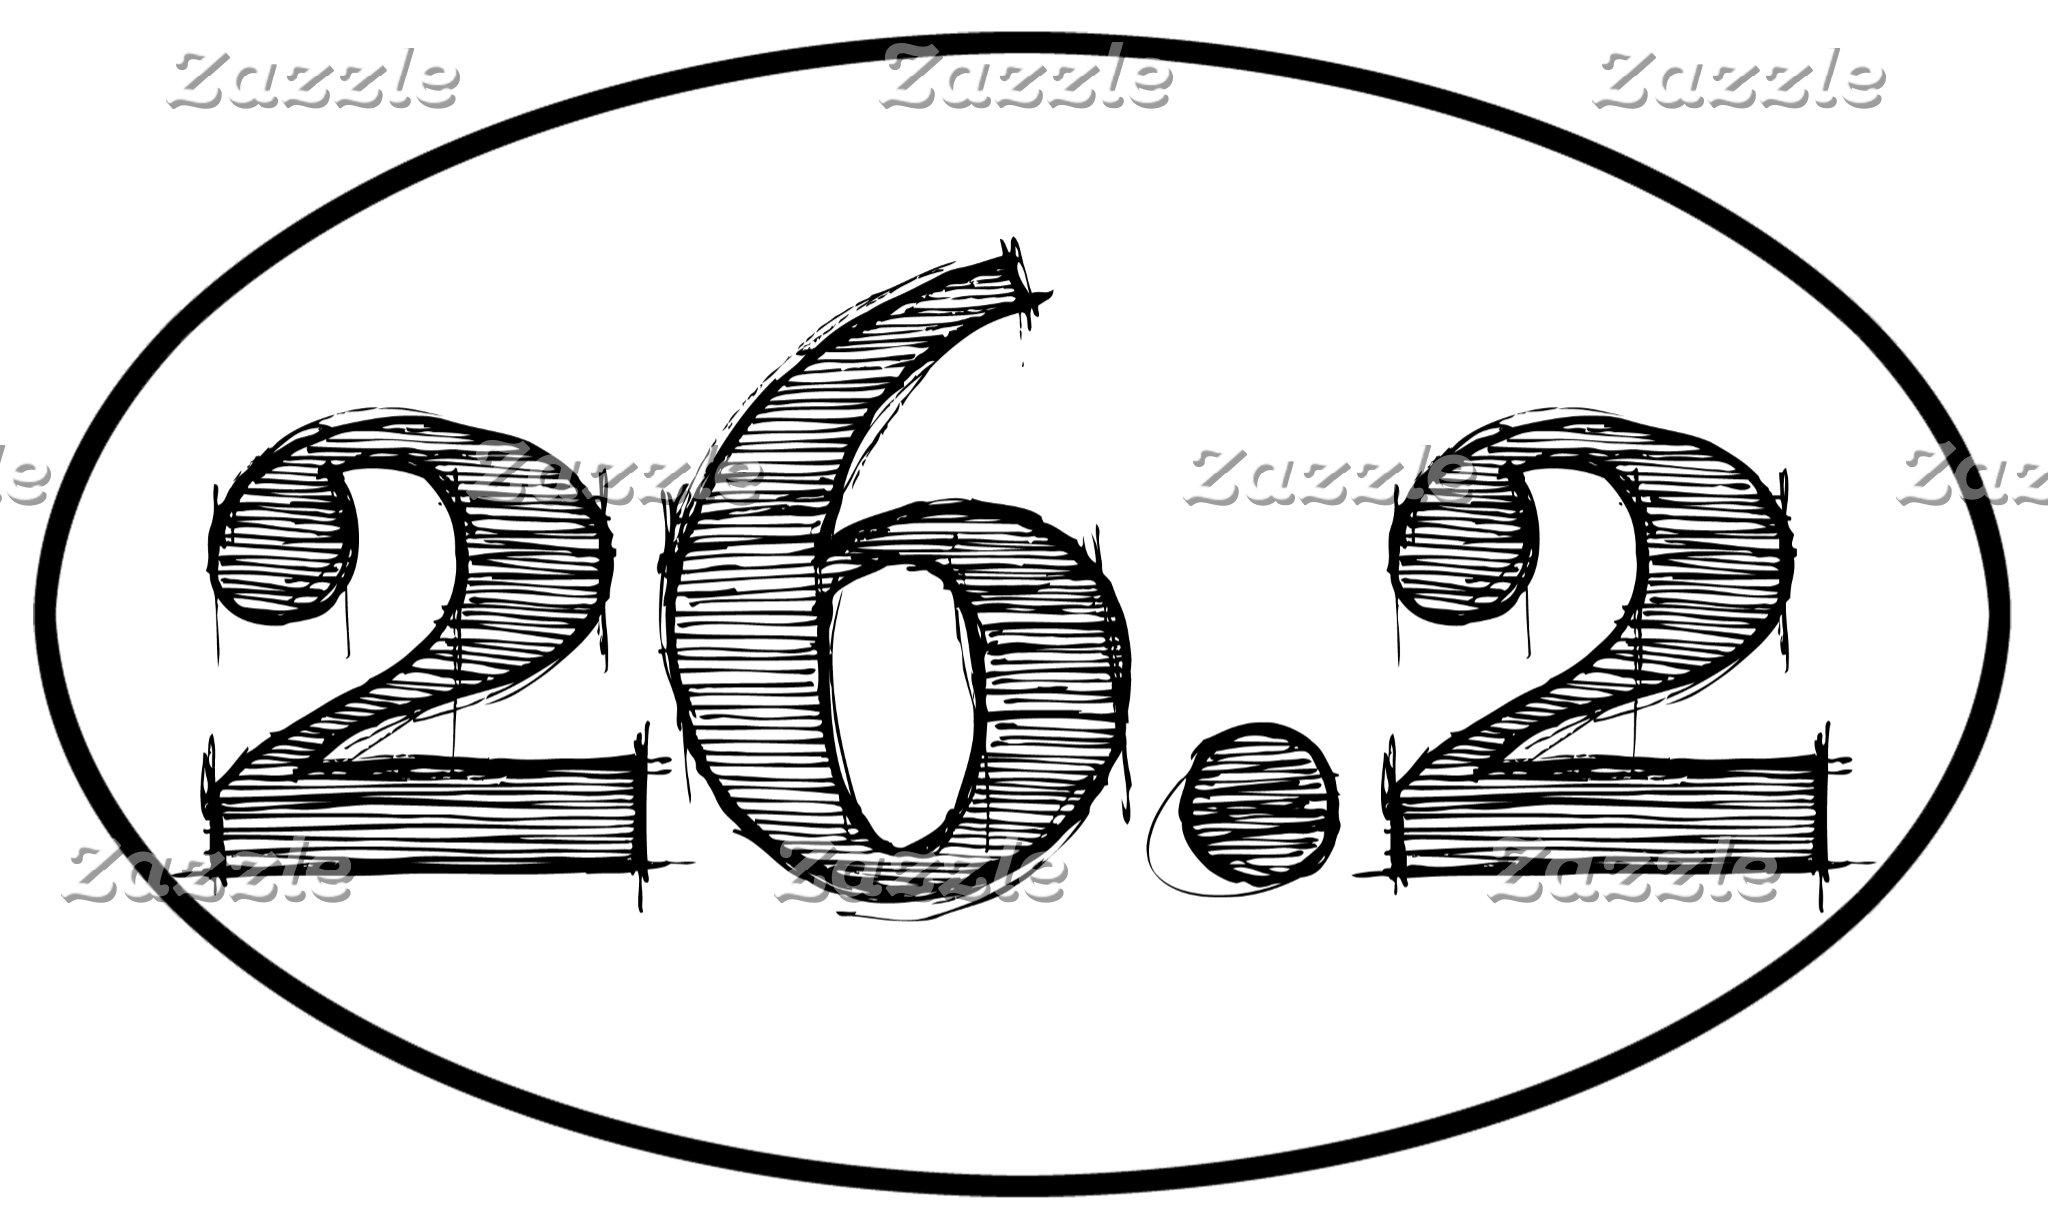 26.2 Marathon Sketch